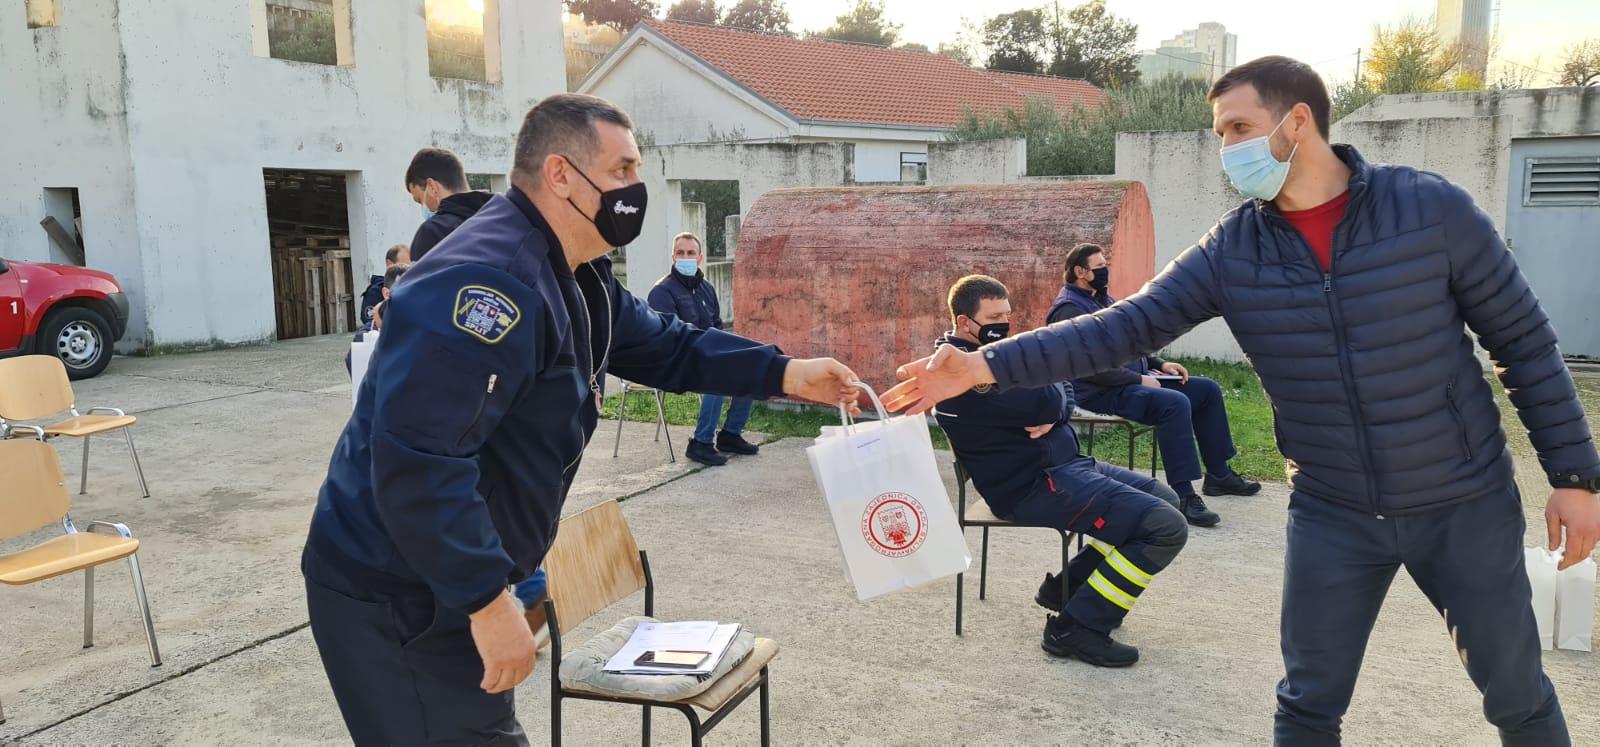 Održana sjednica Skupštine i proglašeni najbolji dobrovoljni vatrogasci